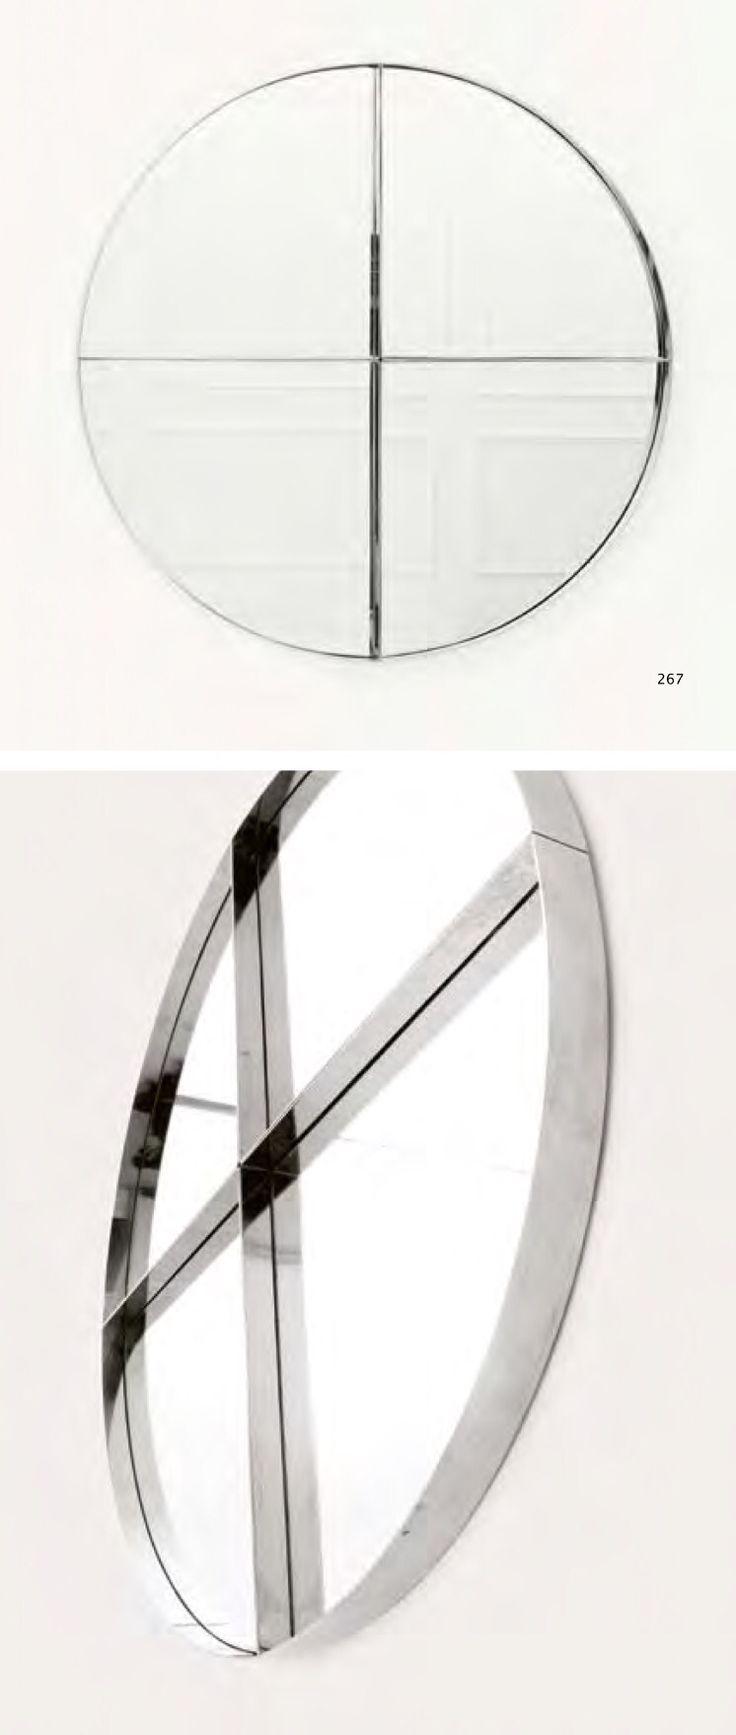 Oltre 25 fantastiche idee su specchio da tavolo su - Specchio portagioie ikea ...